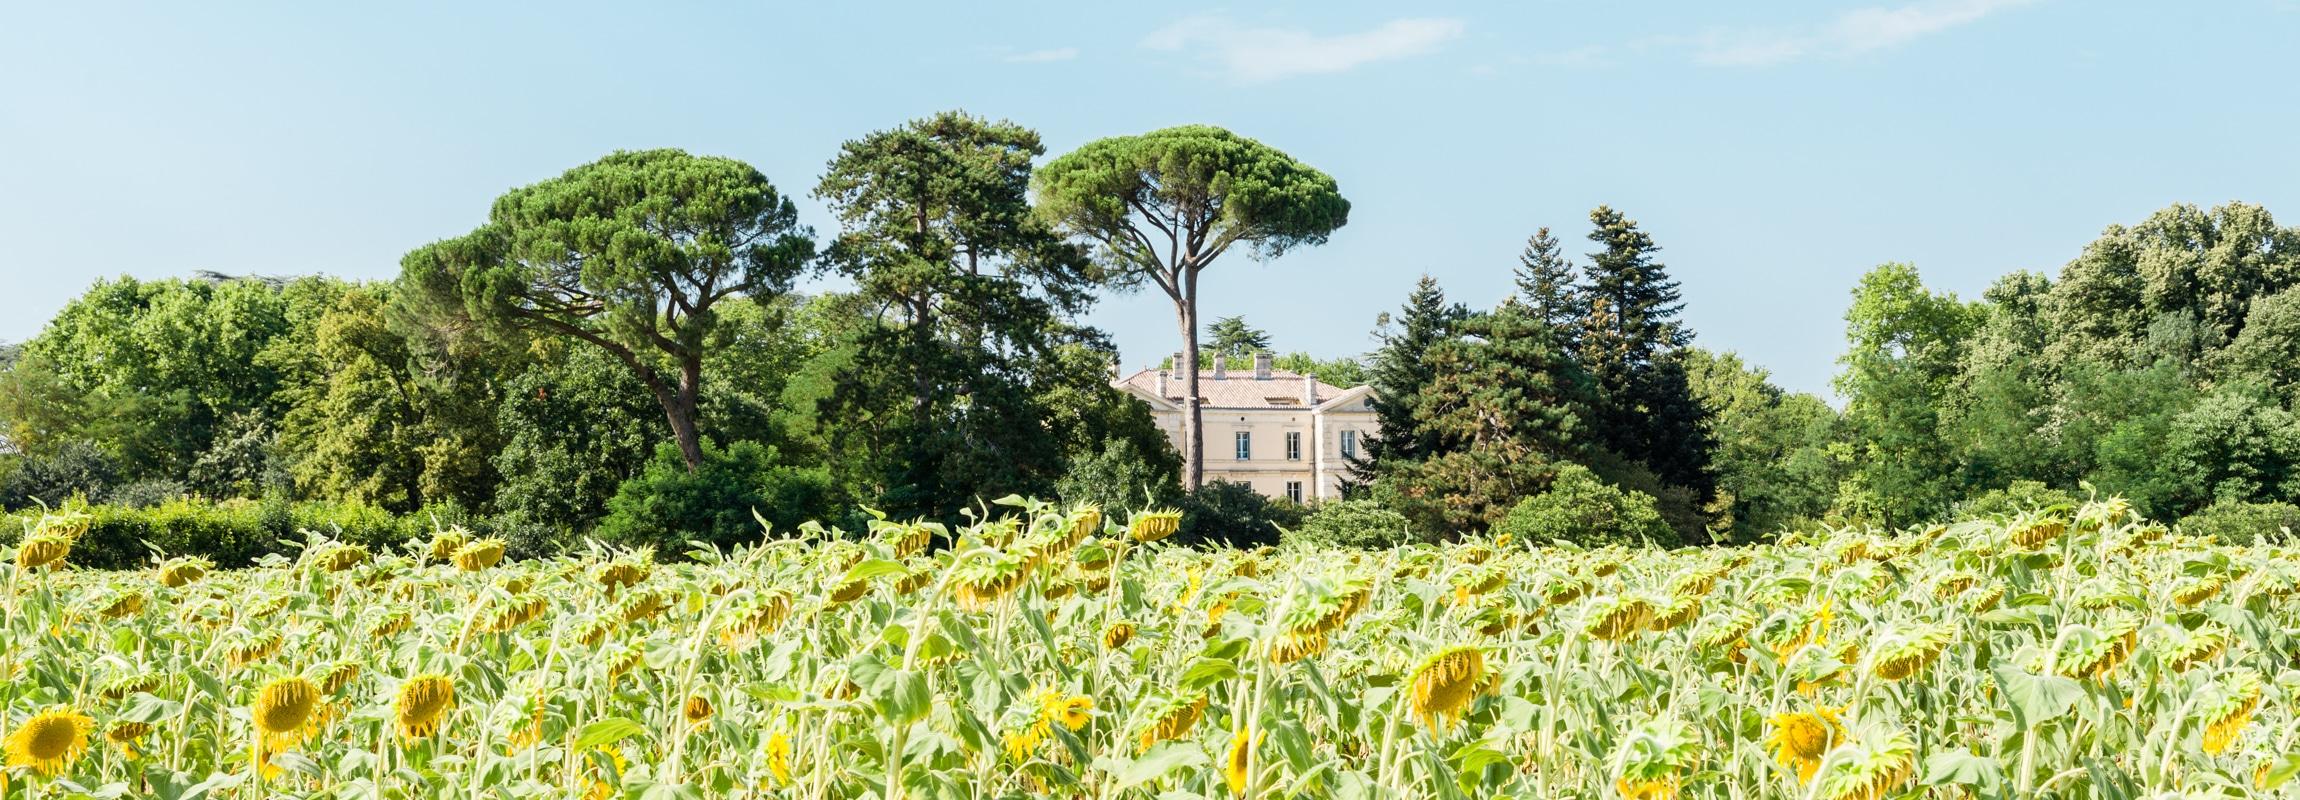 Sonnenblumenfeld, Château de Montcaud Hotel Provence Südfrankreich